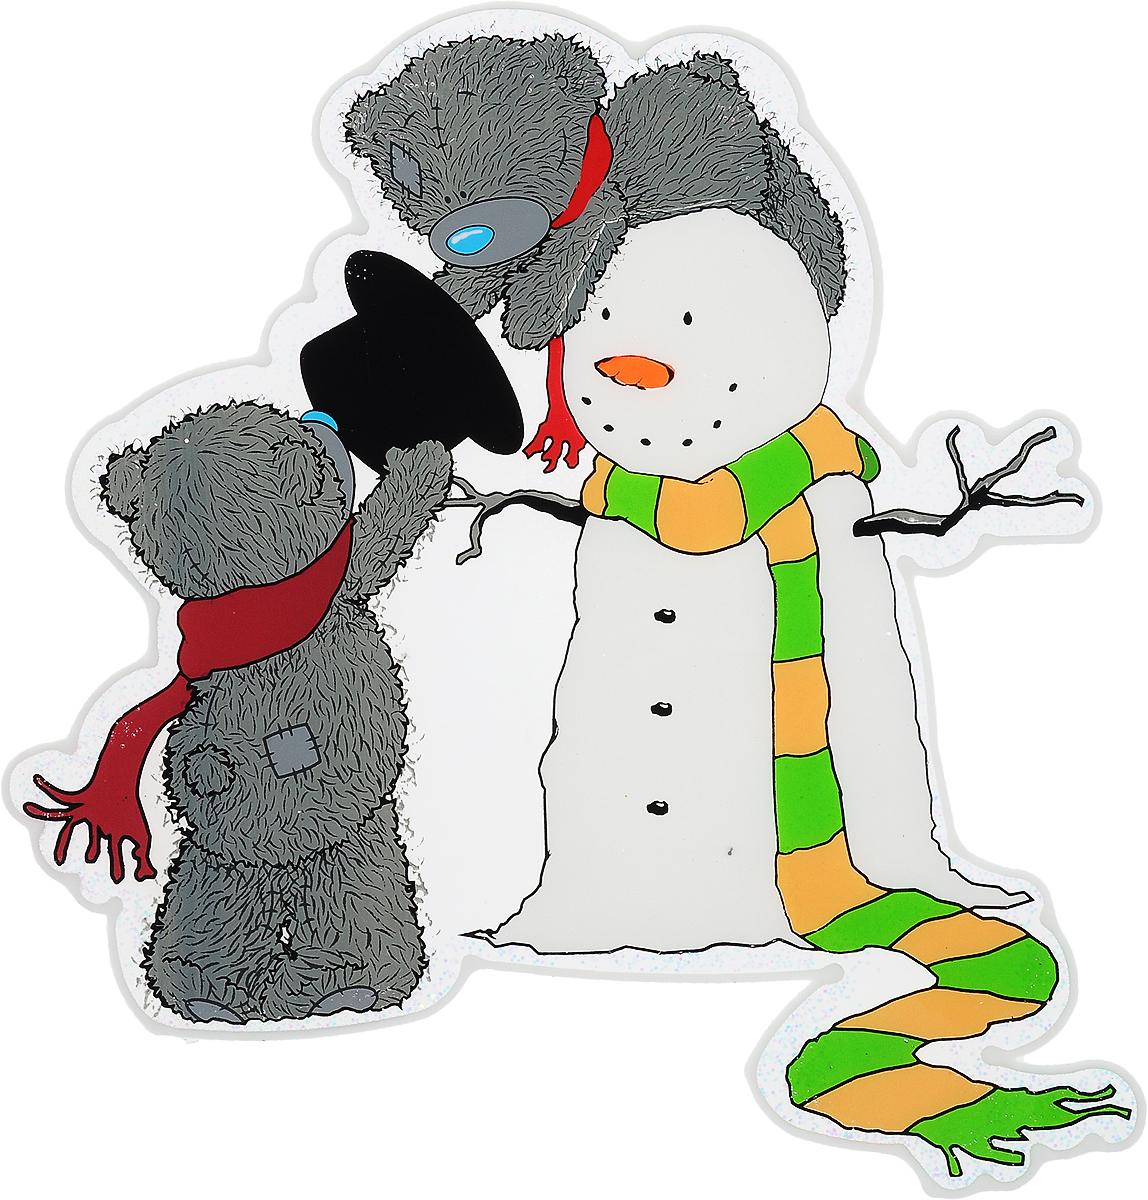 Новогоднее оконное украшение Winter Wings Me To You, 24,5 х 25,5 смMTY-N09003Новогоднее оконное украшение Winter Wings Me To You выполнено из ПВХ в виде медвежат Тедди и снеговика.С помощью гелевой наклейки Winter Wings Me To You можно составлять на стекле целые зимние сюжеты, которые будут радовать глаз, и поднимать настроение в праздничные дни! Так же Вы можете преподнести этот сувенир в качестве мини-презента коллегам, близким и друзьям с пожеланиями счастливого Нового Года!